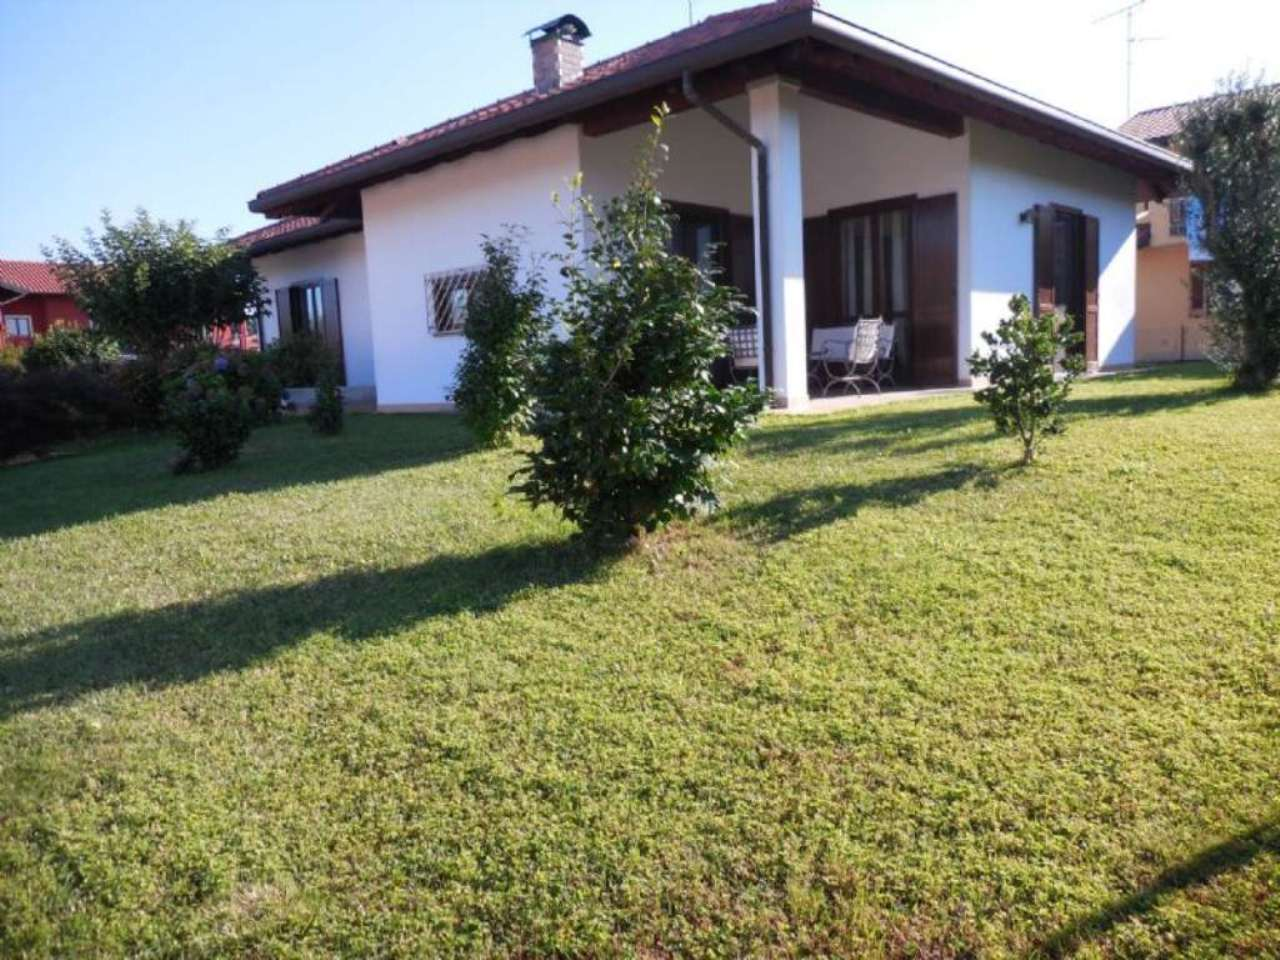 Villa in vendita a Varallo Pombia, 4 locali, prezzo € 239.000 | Cambio Casa.it